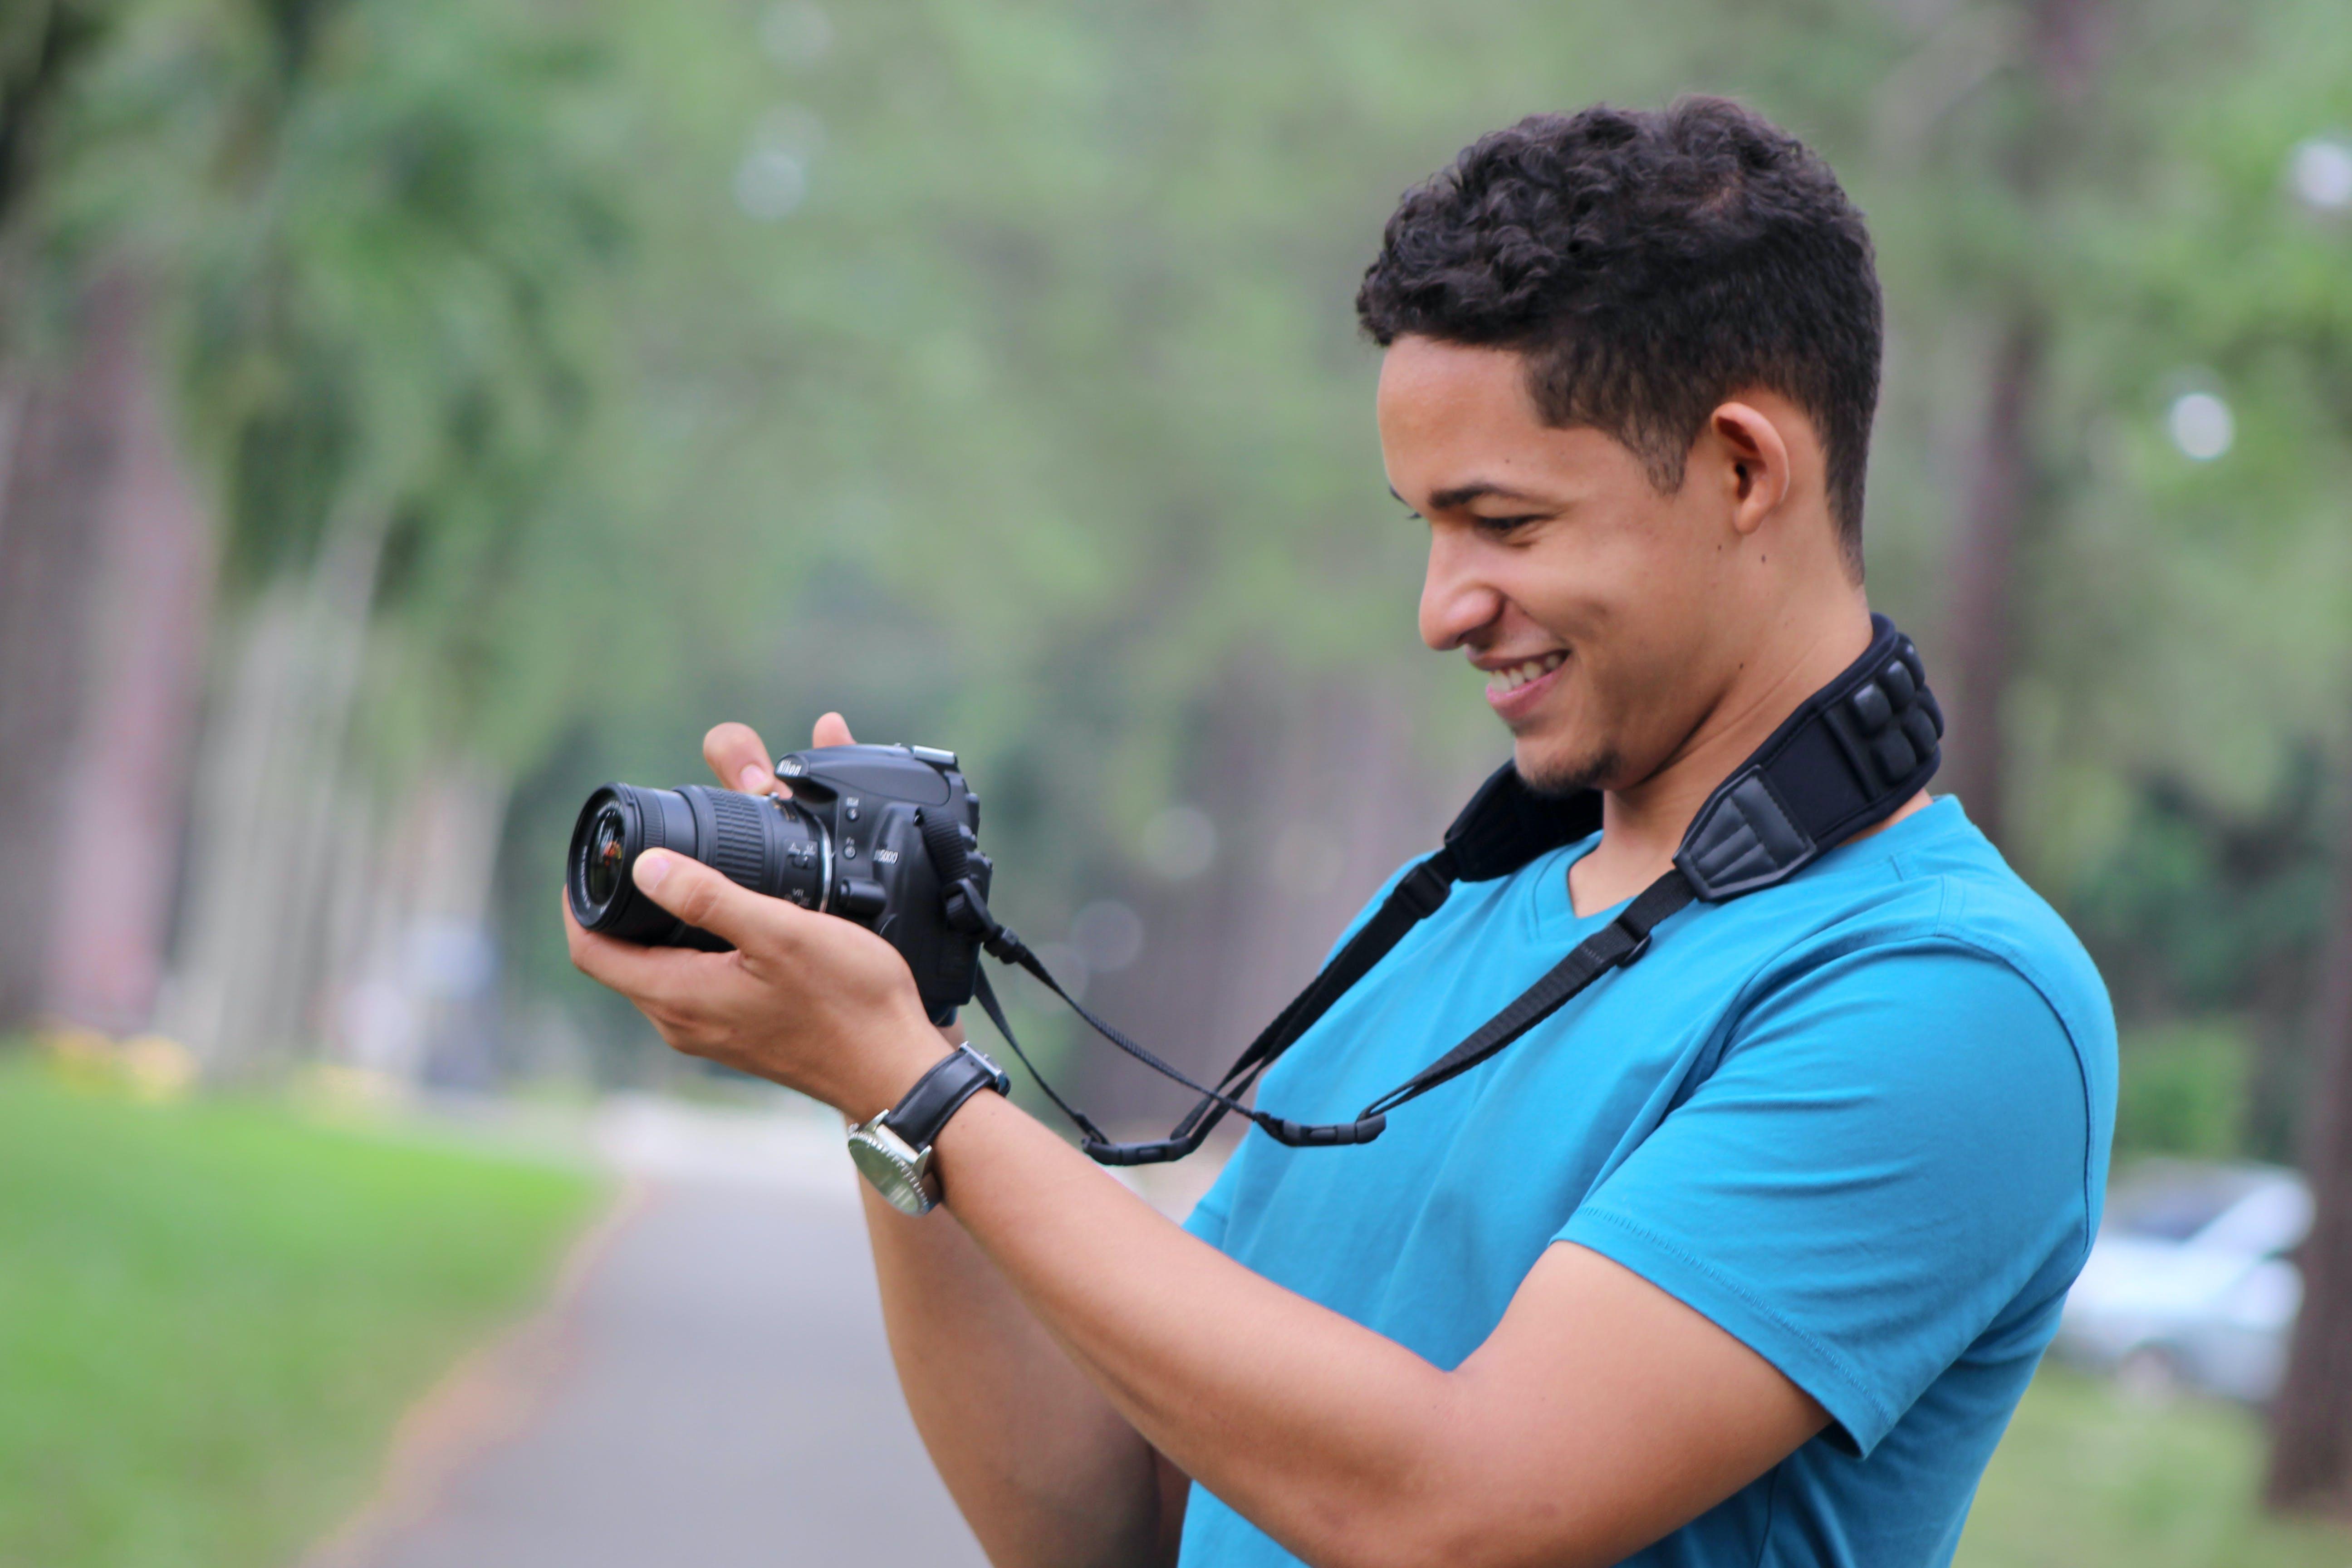 Kostenloses Stock Foto zu foto machen, fotograf, fotografie, kamera